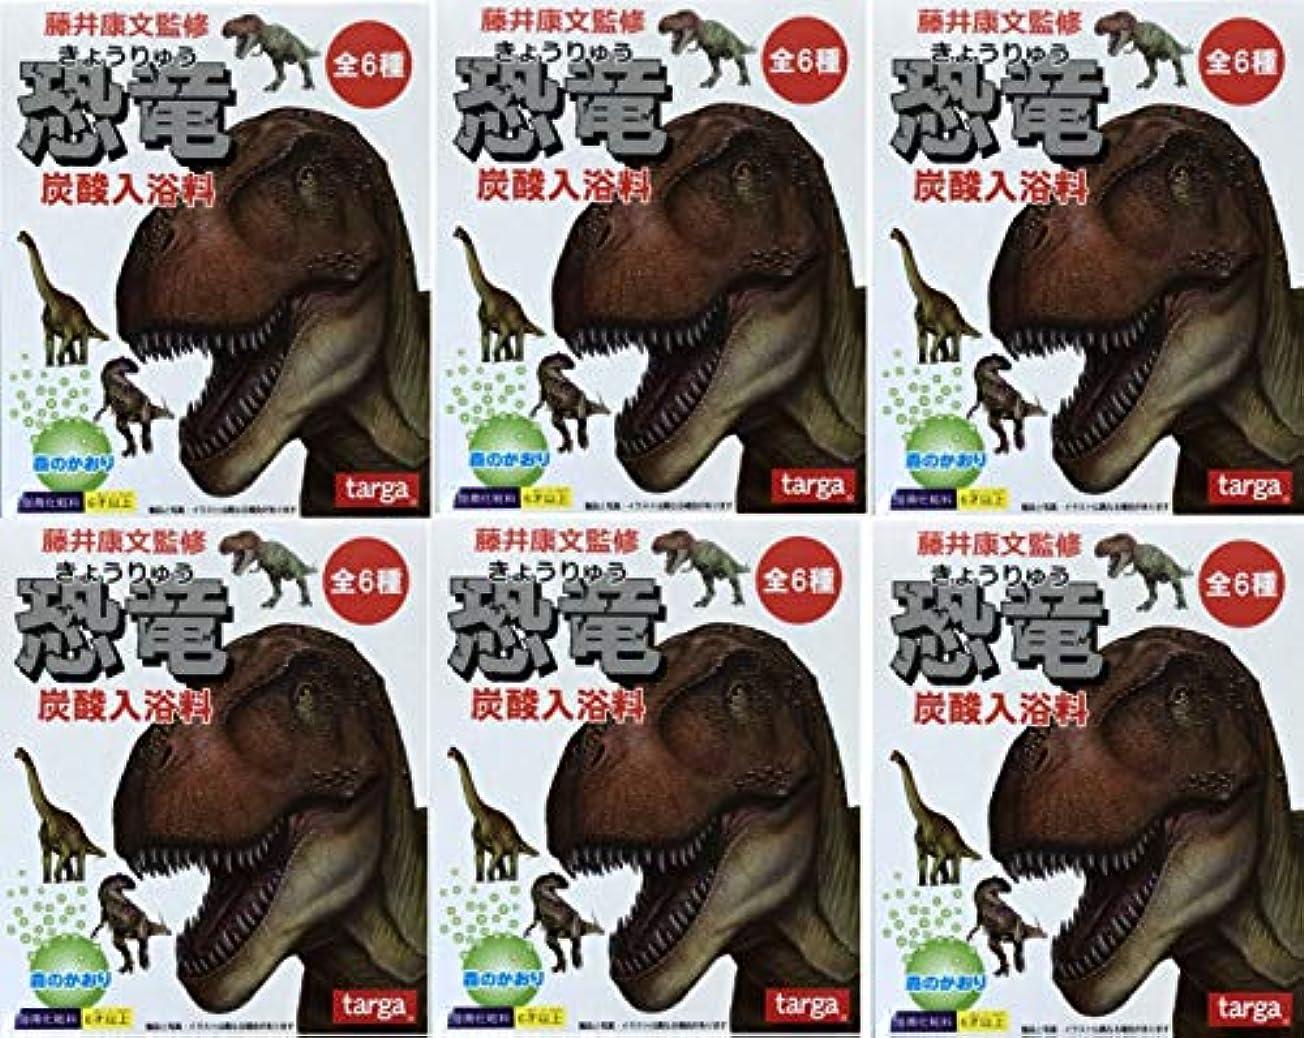 石膏概して宿【6個セット】藤井康文監修 恐竜 炭酸入浴料 ミニ恐竜付き 森の香り